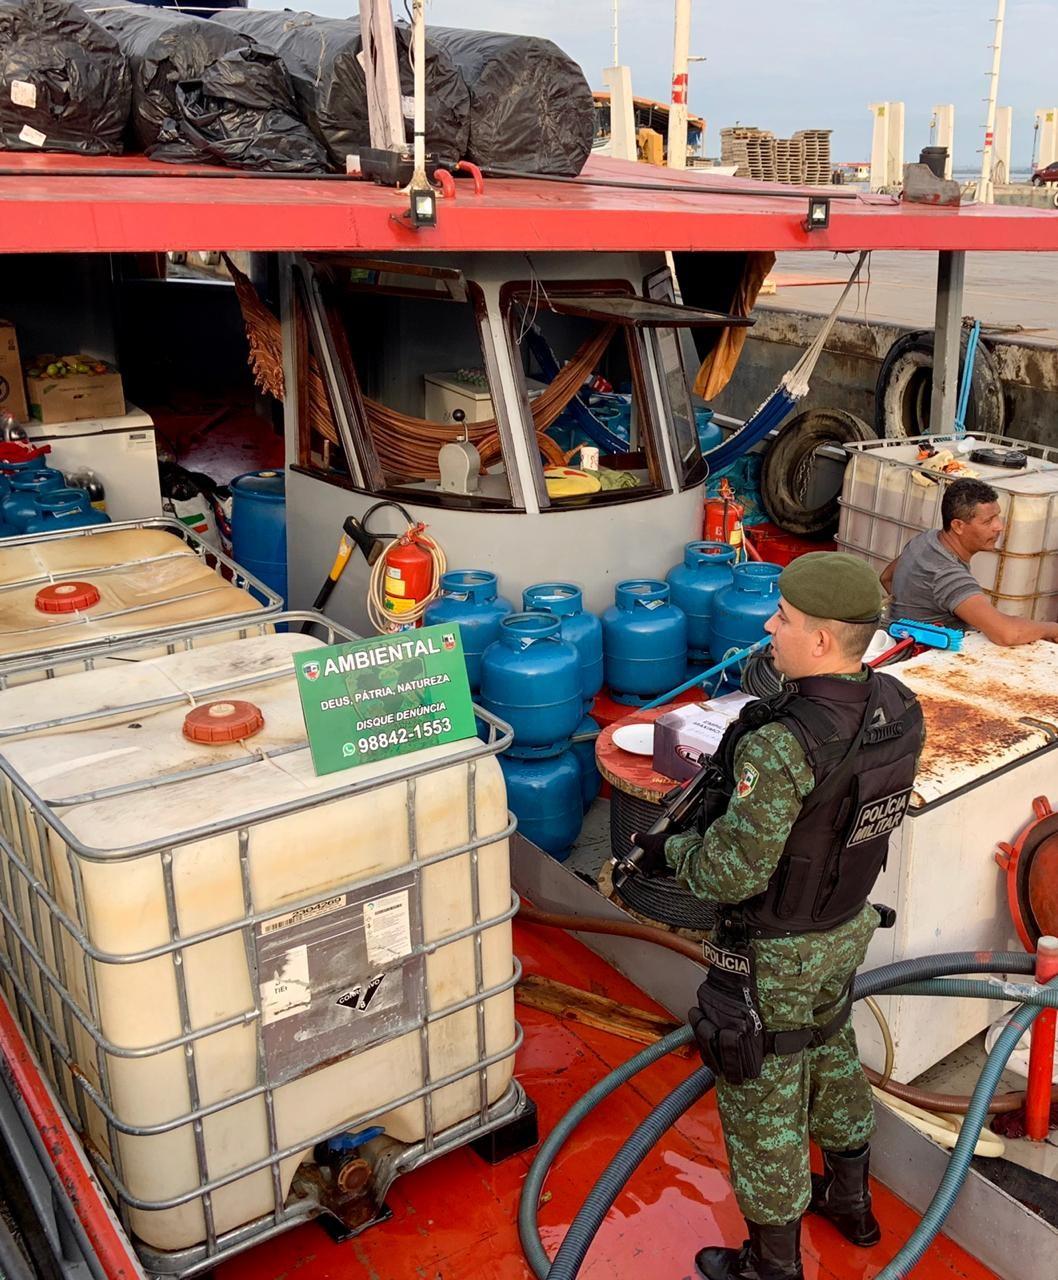 Mais de 70 mil litros de combustível irregular são apreendidos em embarcação, em Manaus